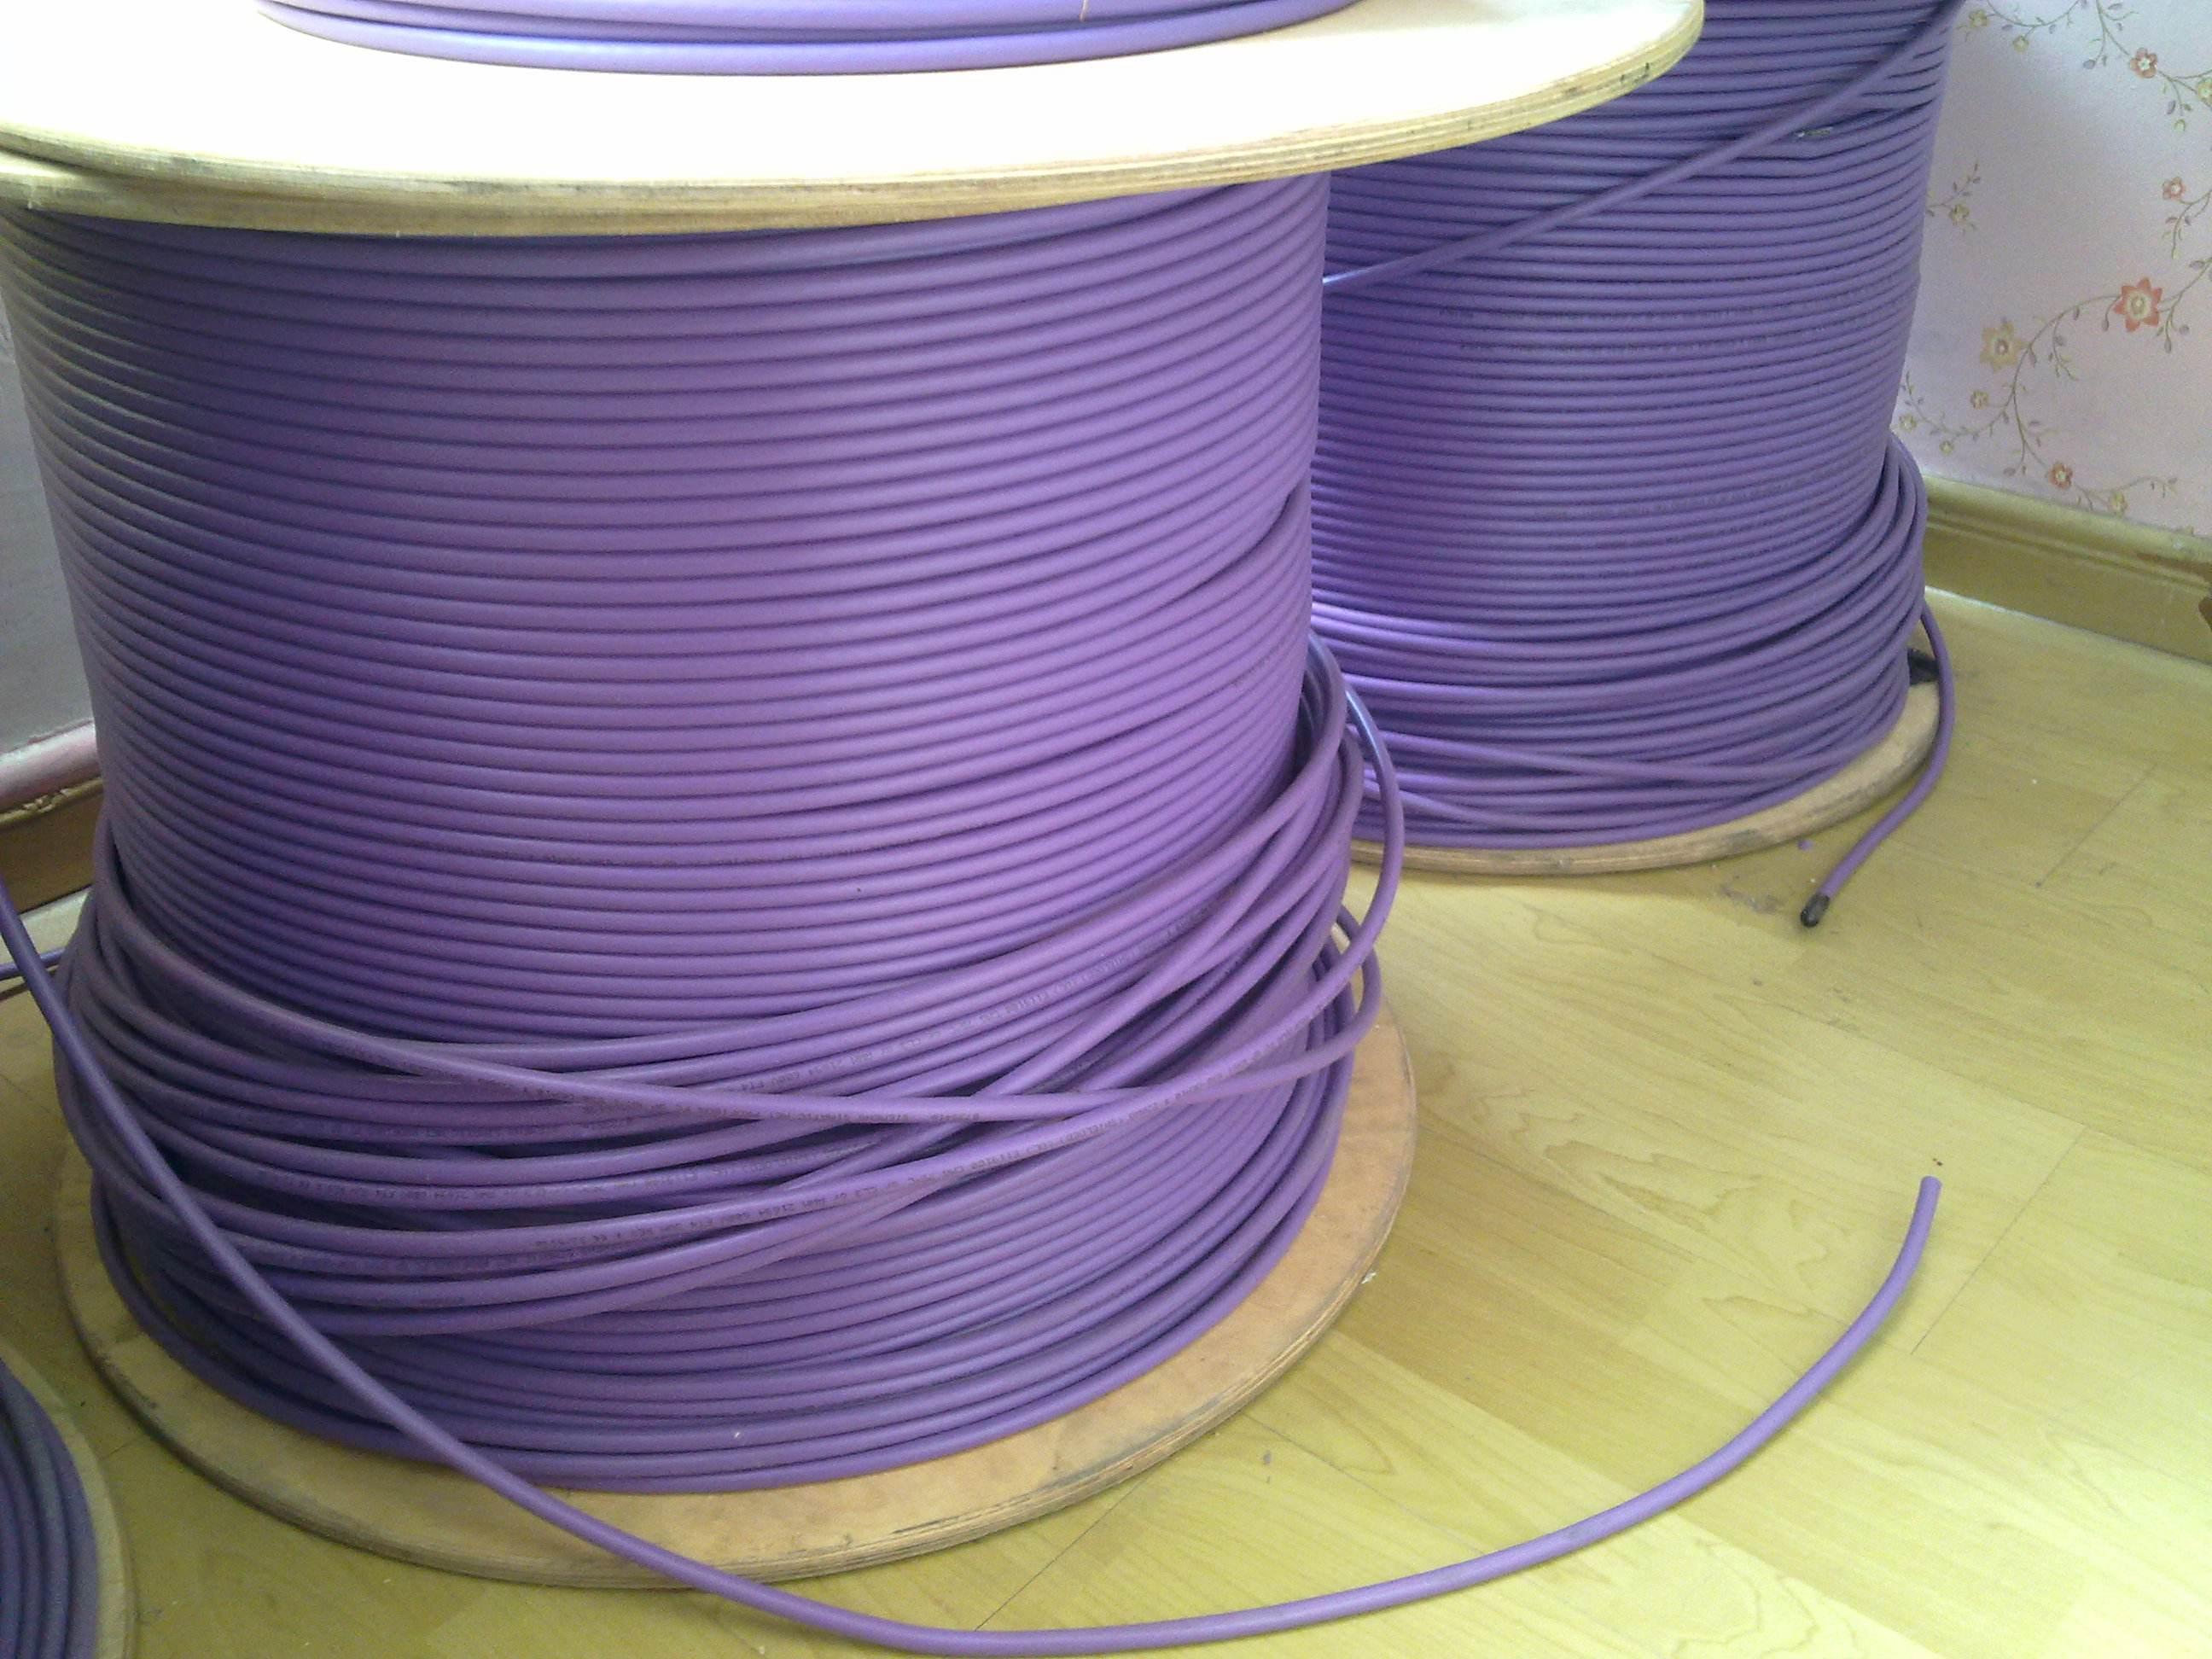 原装进口西门子DP电缆购买-上海乔辉工控设备有限公司